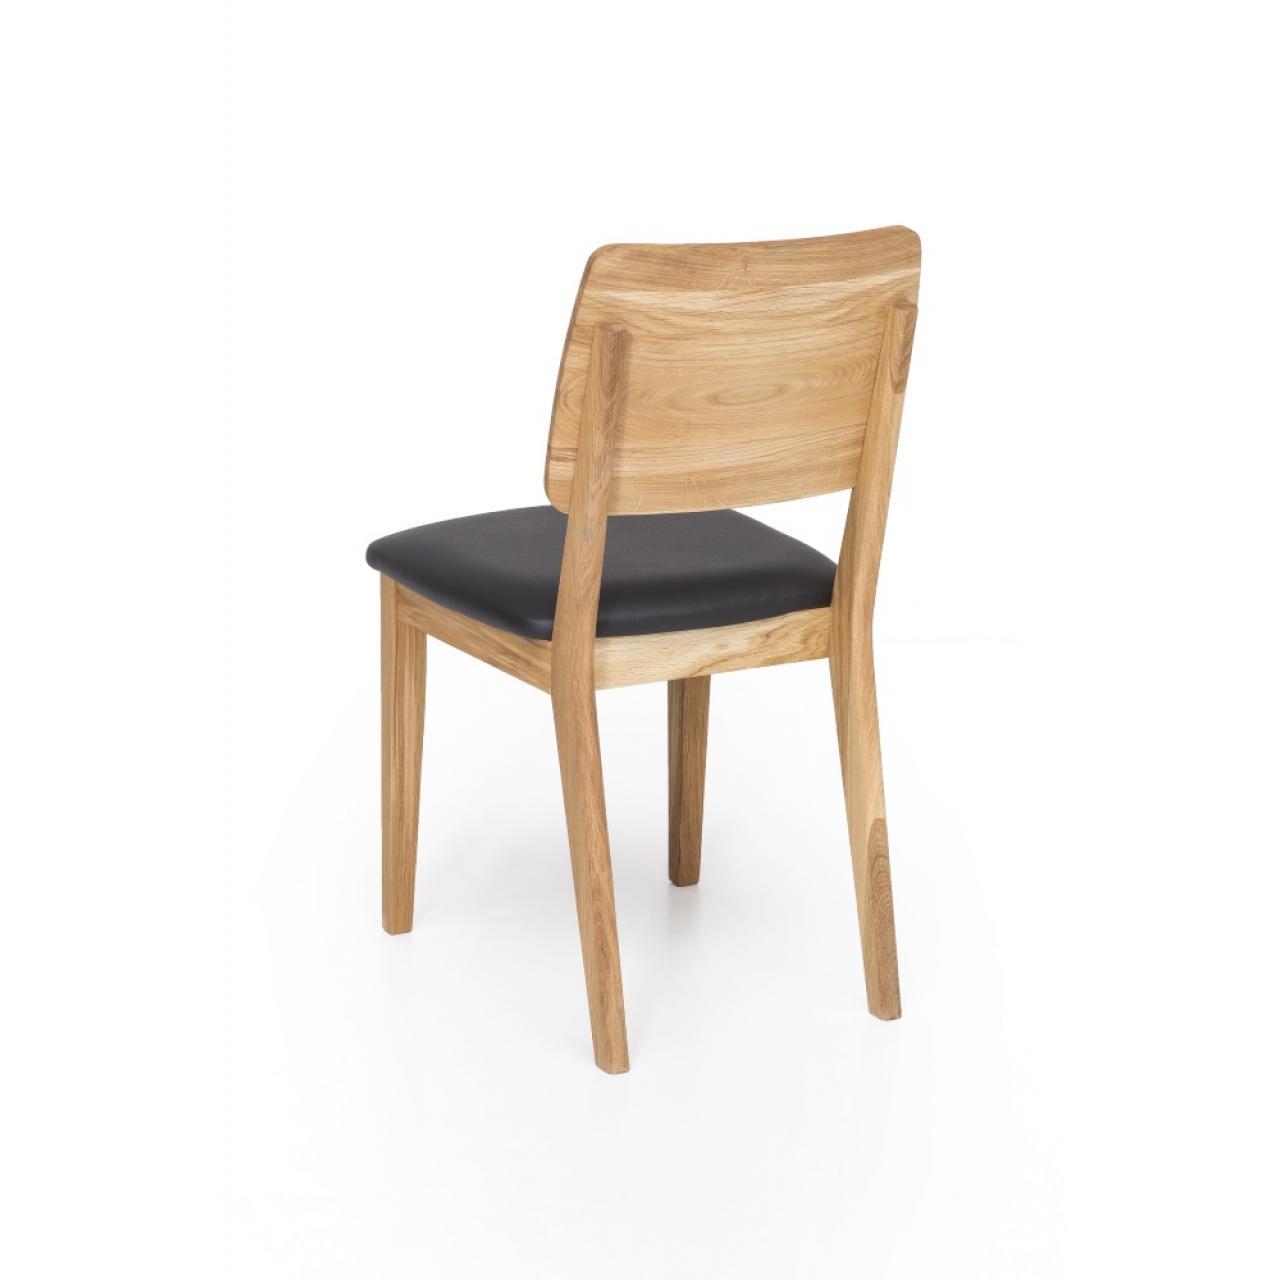 Stuhl Norman 3 | Stühle/Hocker | Esszimmer | Wohnen | Möbel ...